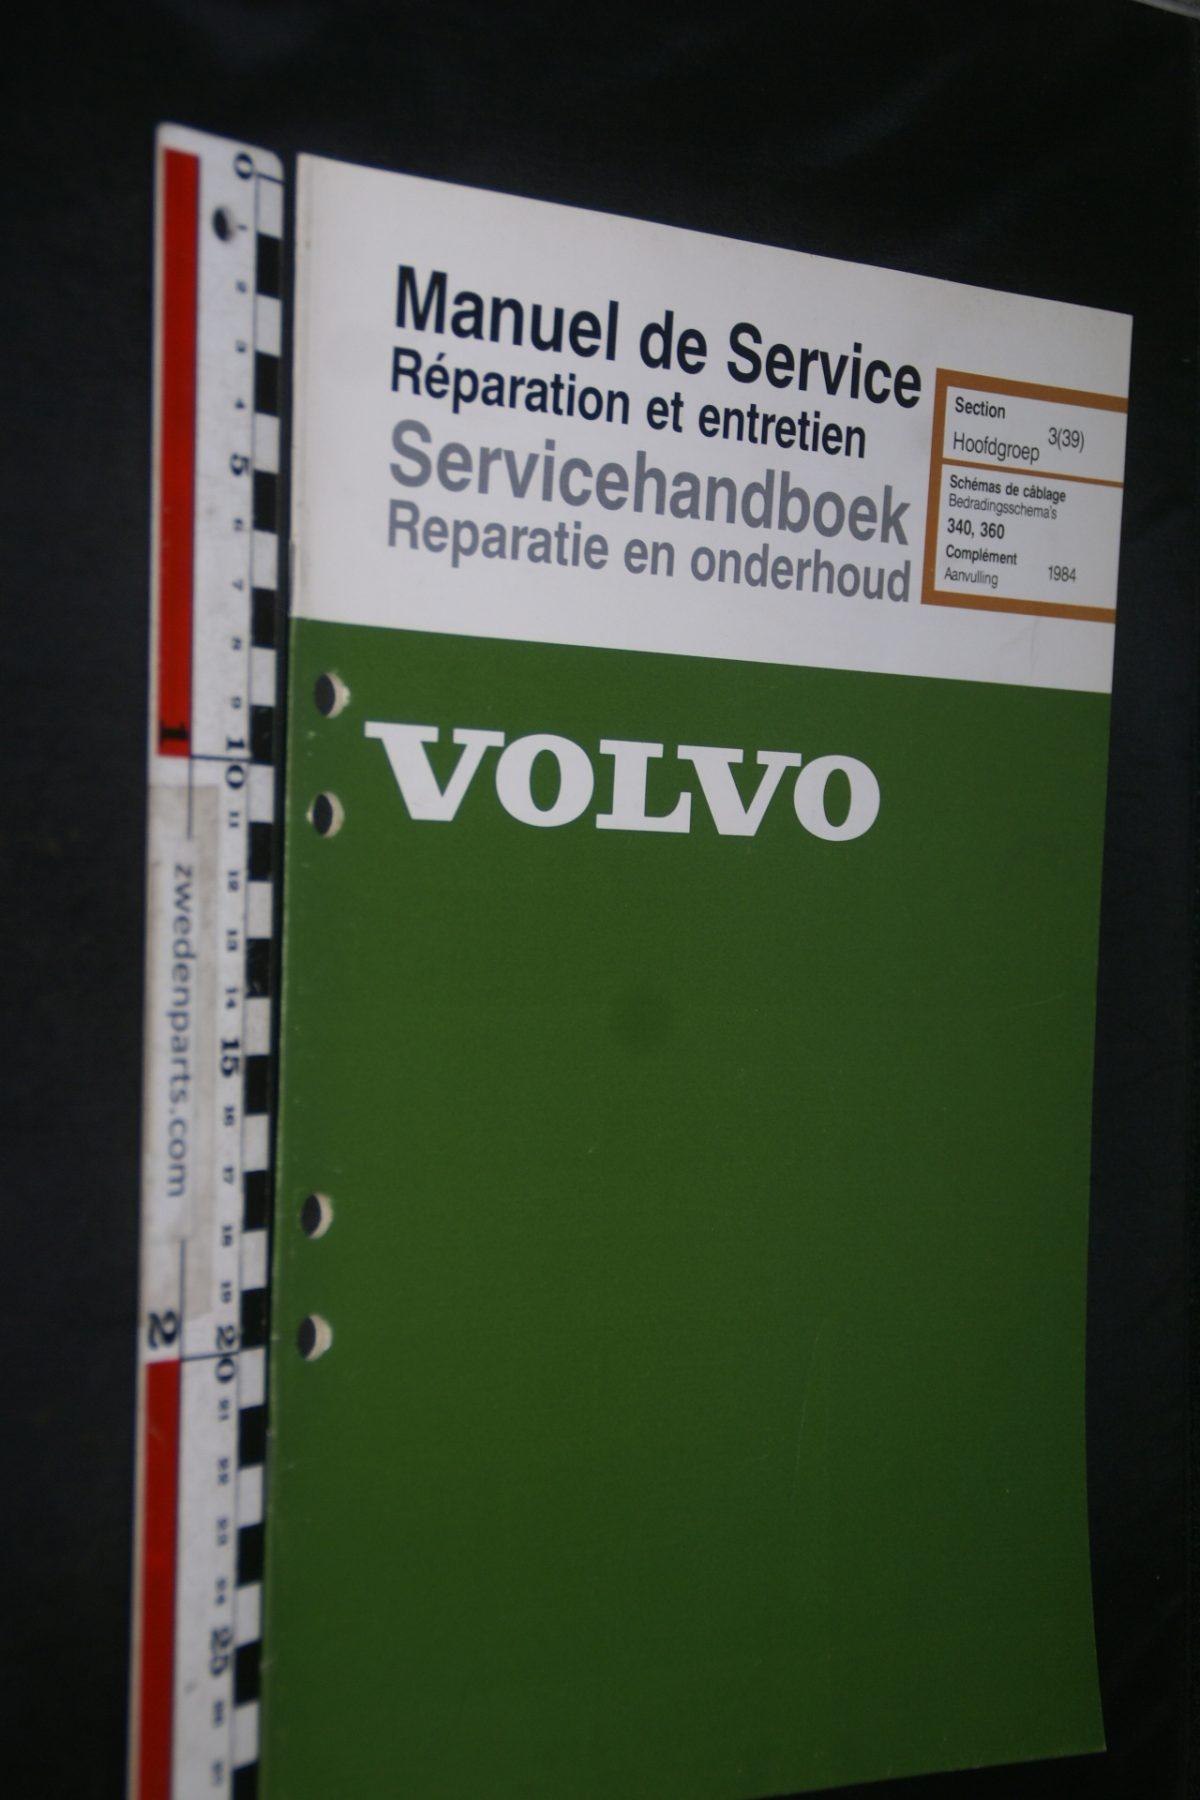 DSC06850 1983 origineel Volvo 343 servicehandboek 3(39) bedradingsschema 1 van 1500 TP 35187-1, Francais, Hollands